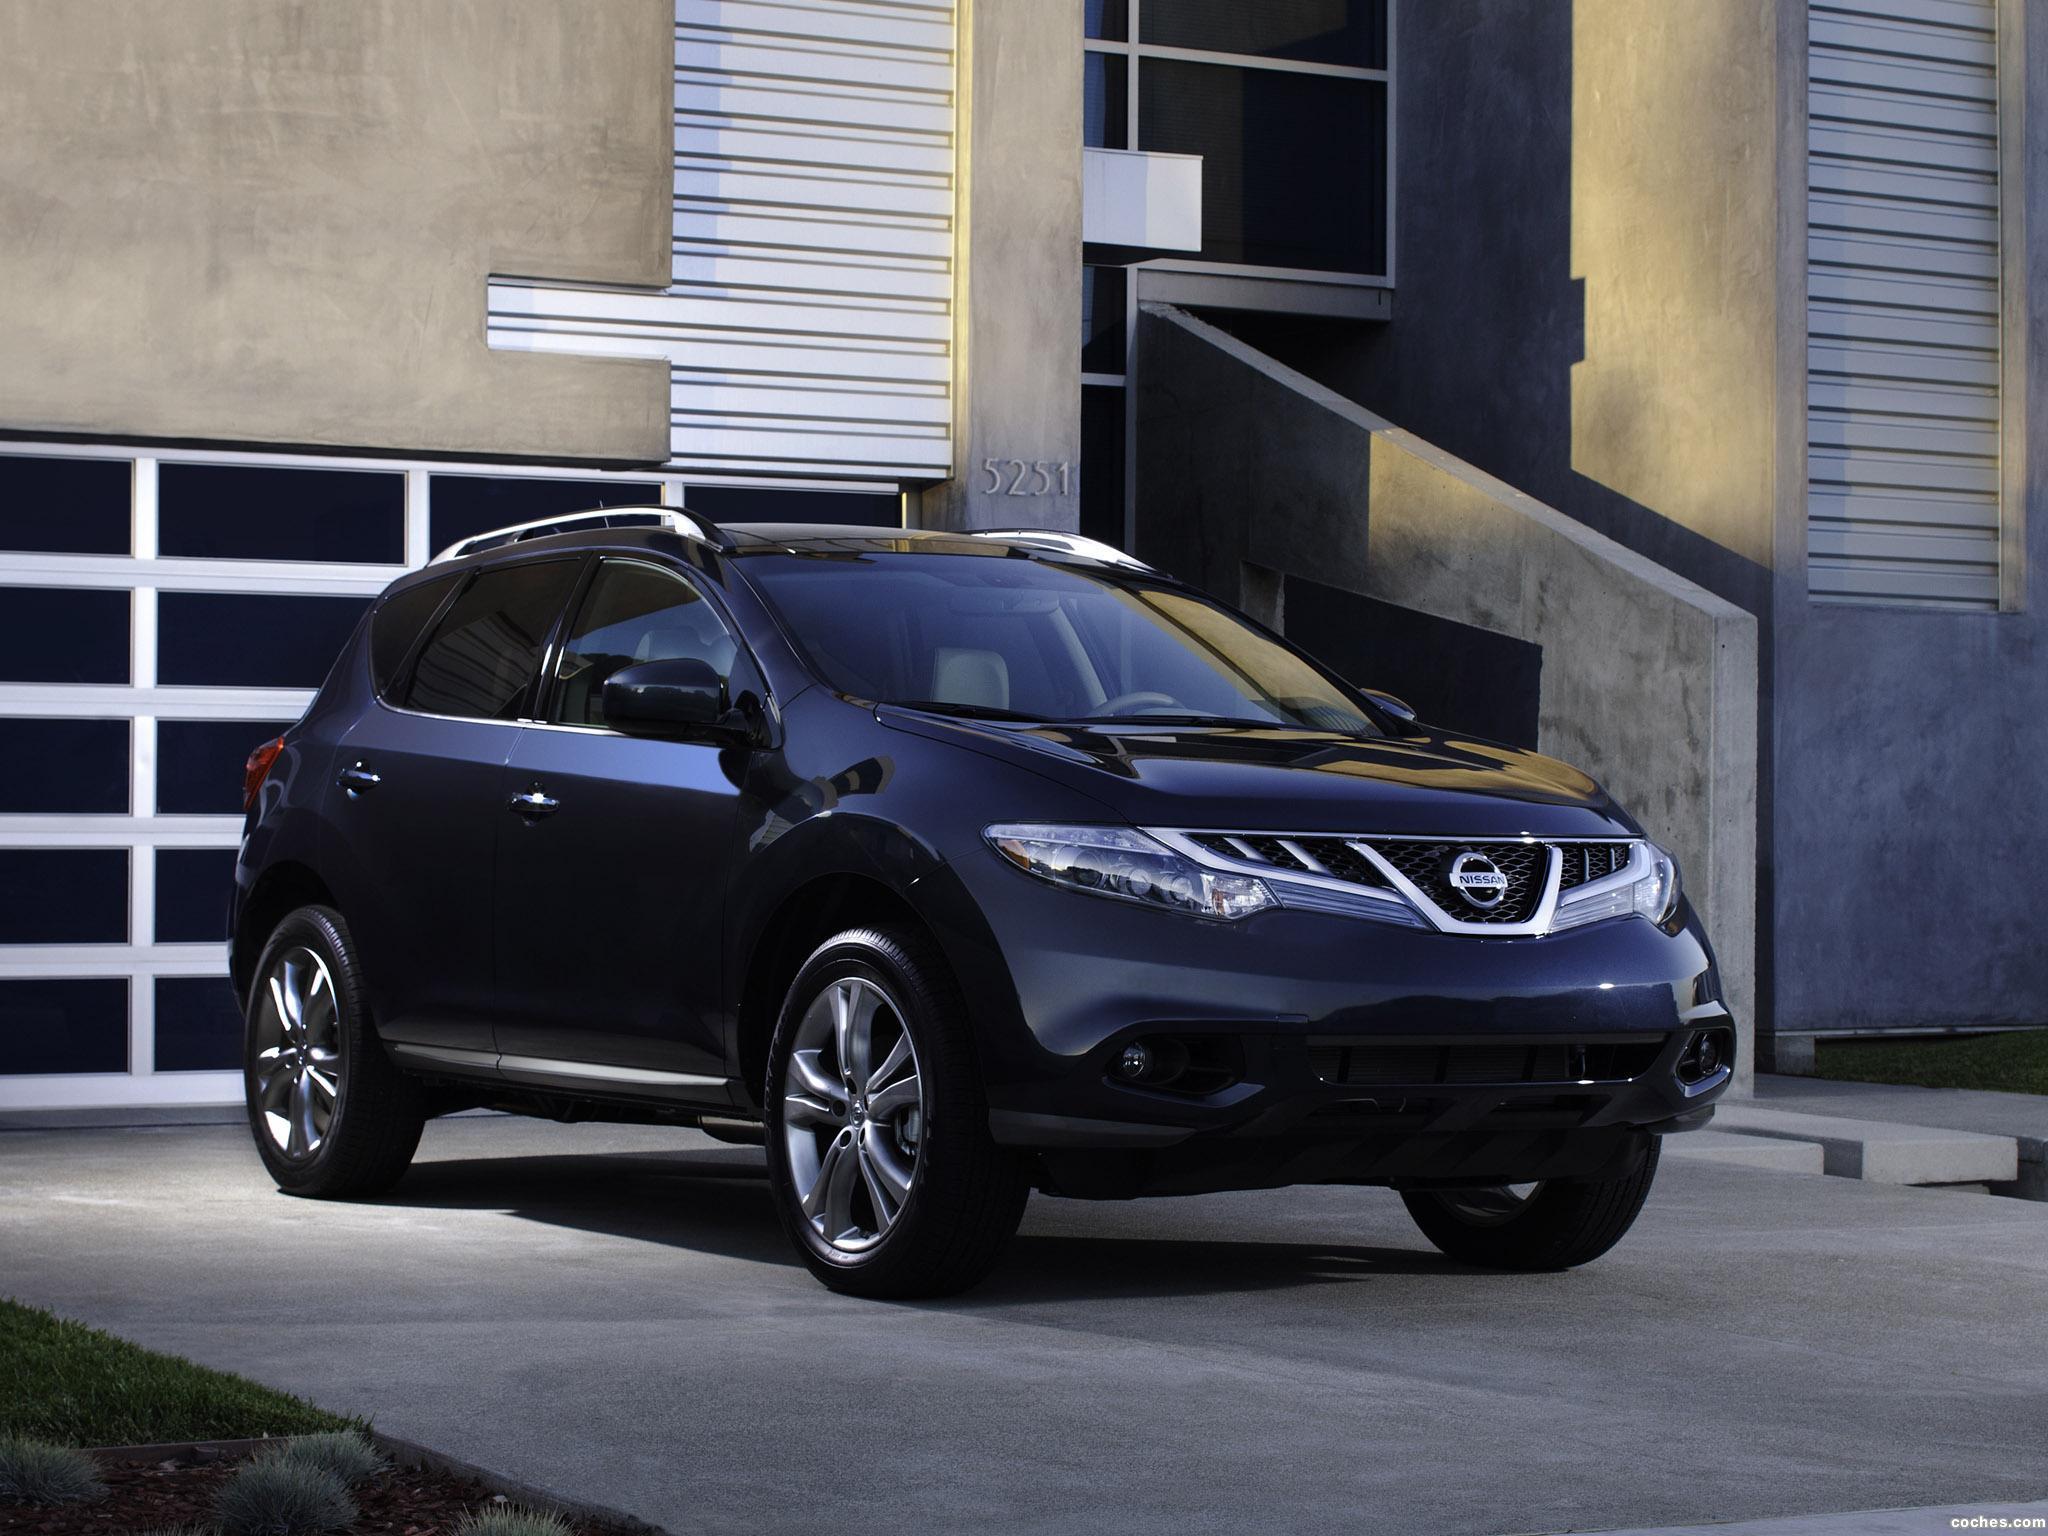 Foto 0 de Nissan Murano USA 2010